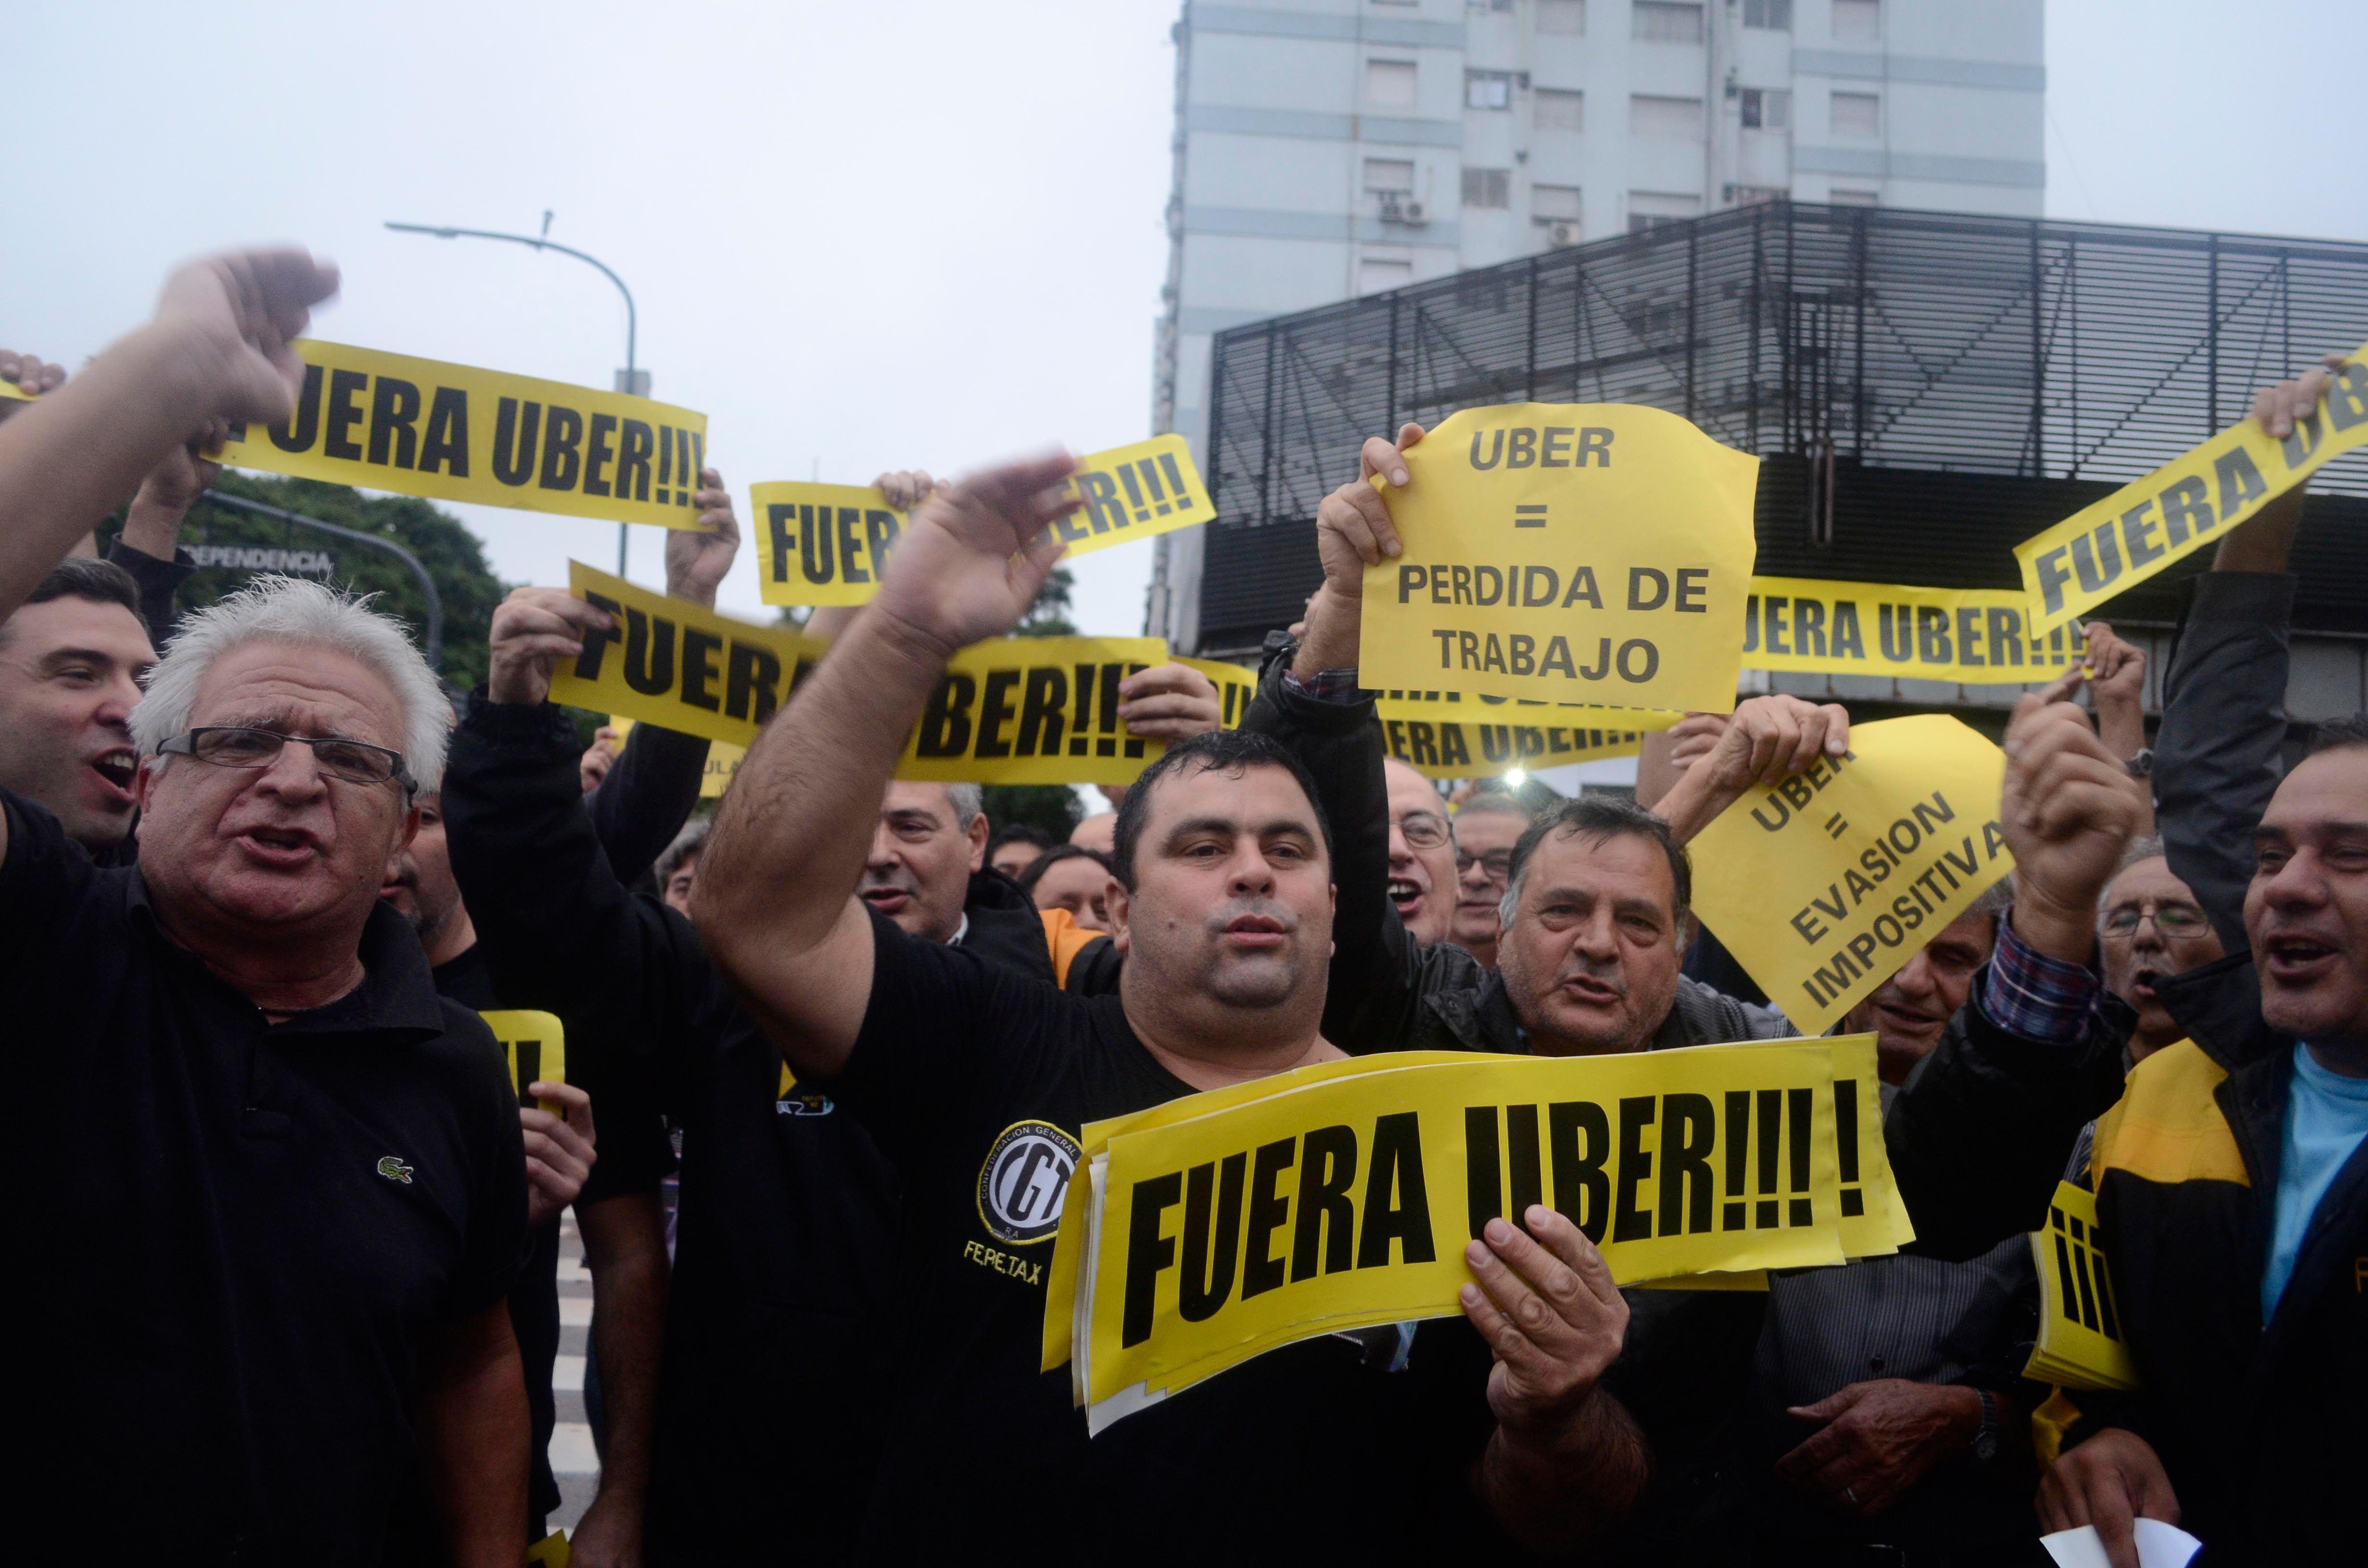 Cruzada contra Uber: la Ciudad recomienda aplicar sanciones con rigurosidad